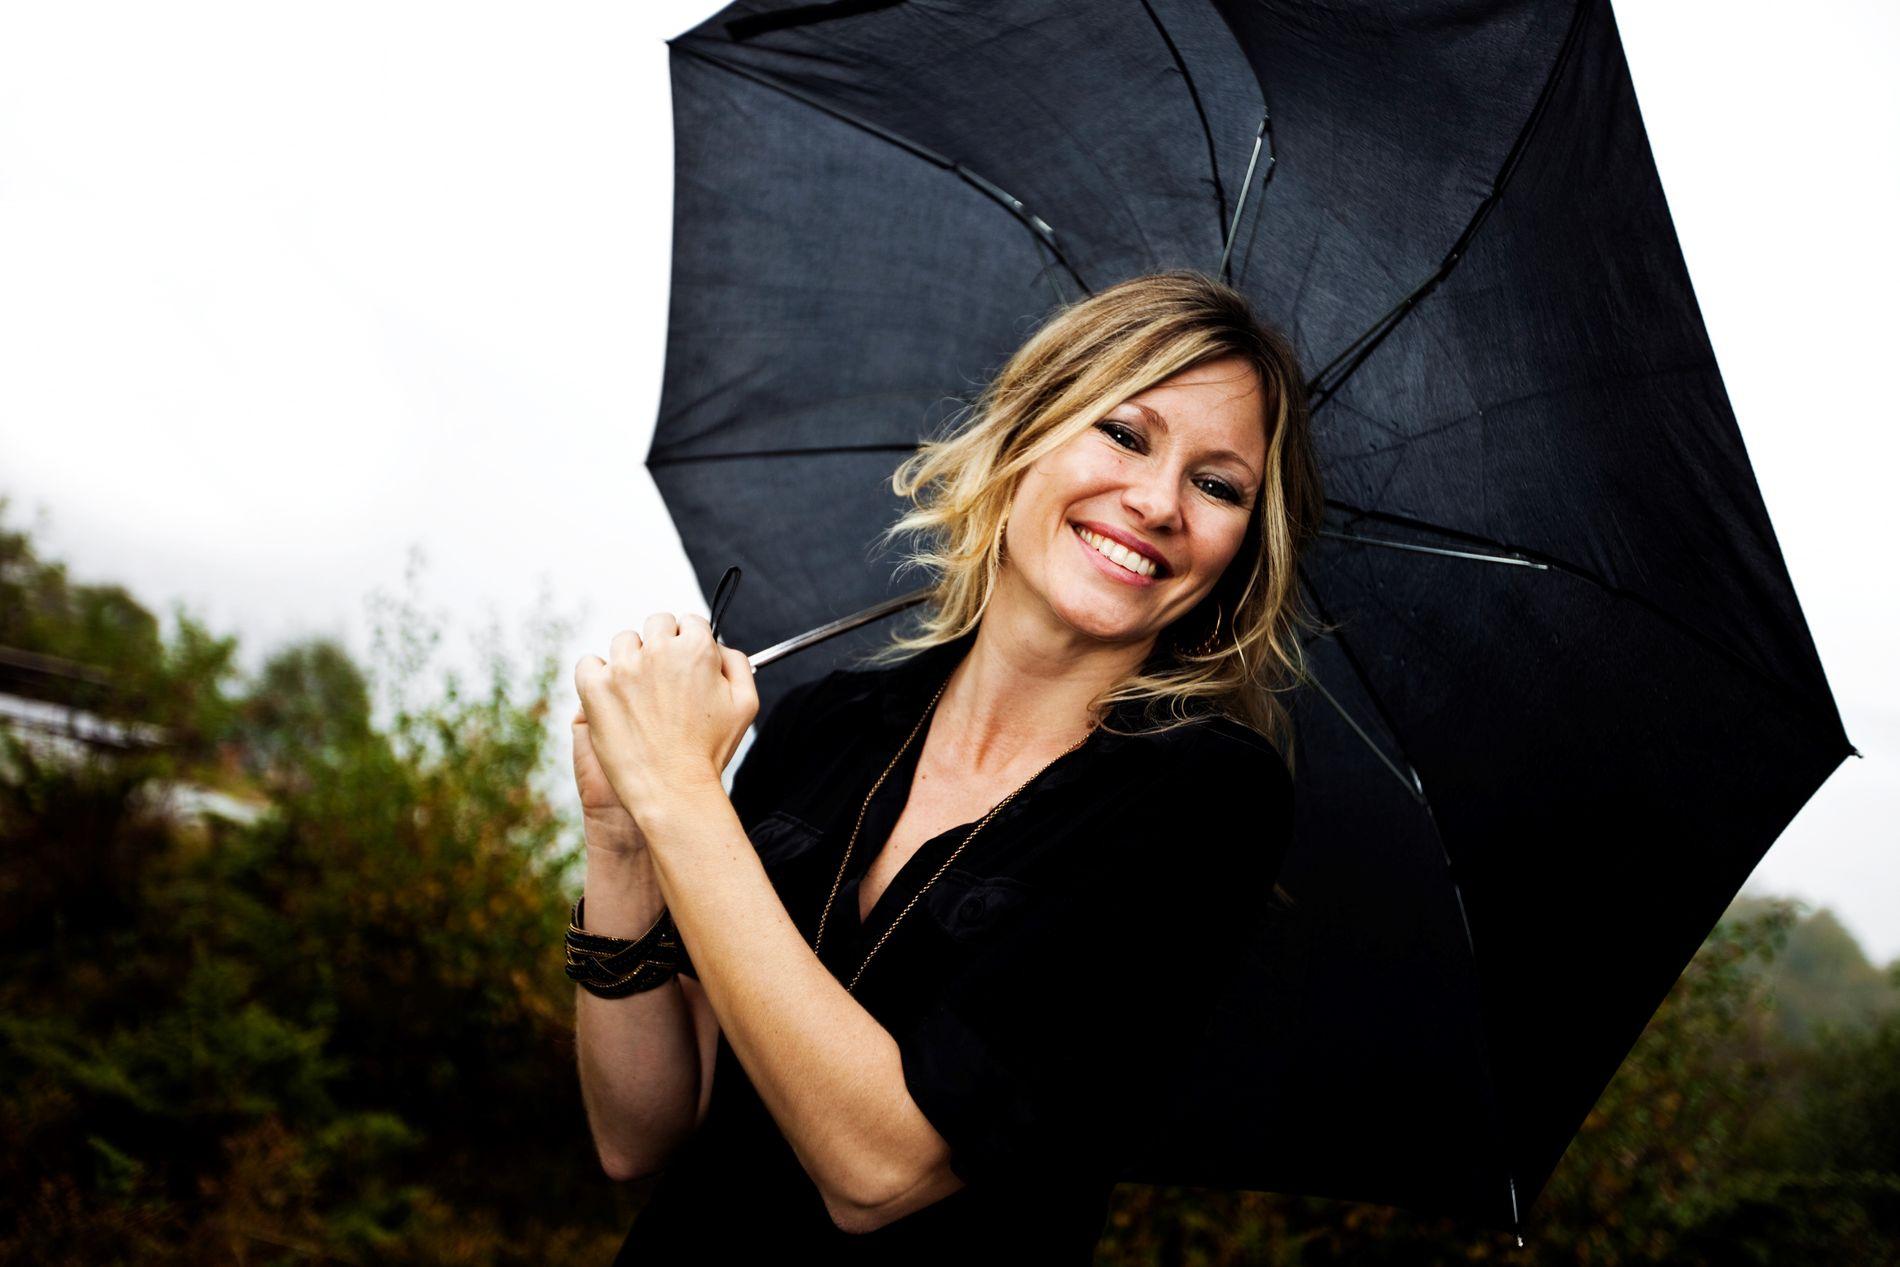 SNØDRONNING: Siri Kalvig skal lede det statlige fondet som har fått navnet «Nysnø».